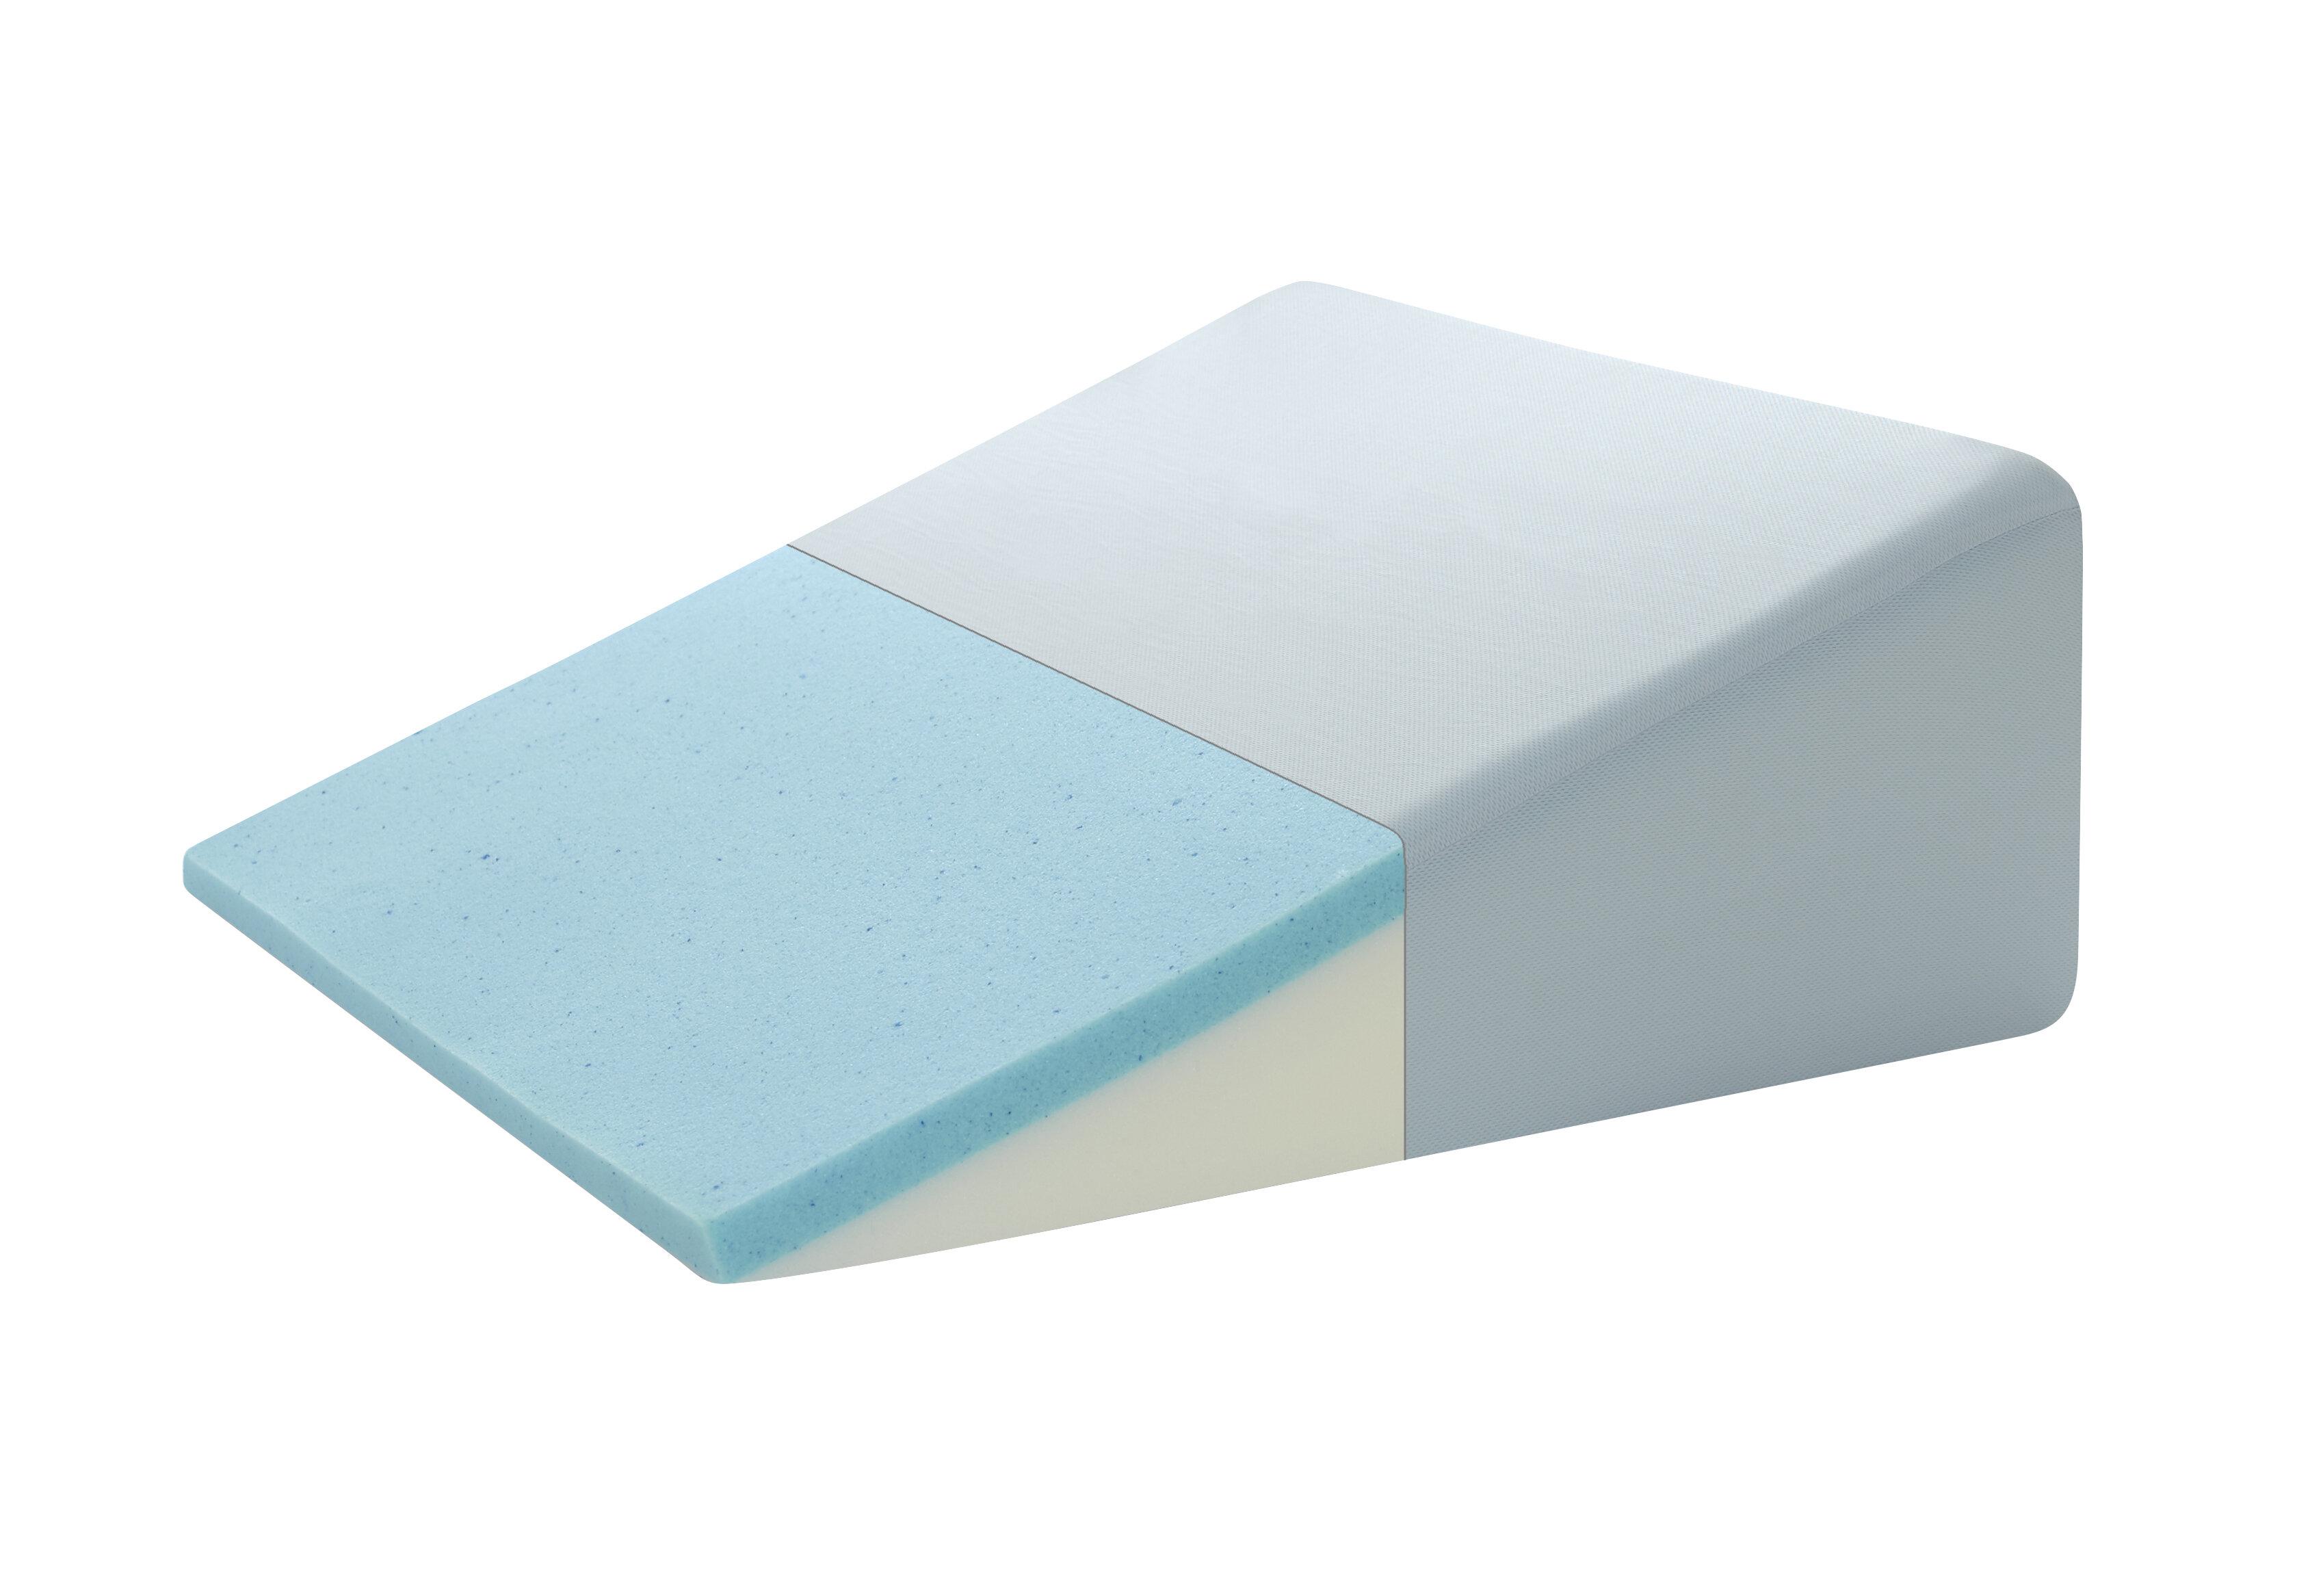 Broyhill Gel Memory Foam Adjustable Sleep Wedge Pillow Reviews Wedges On02 Wayfair